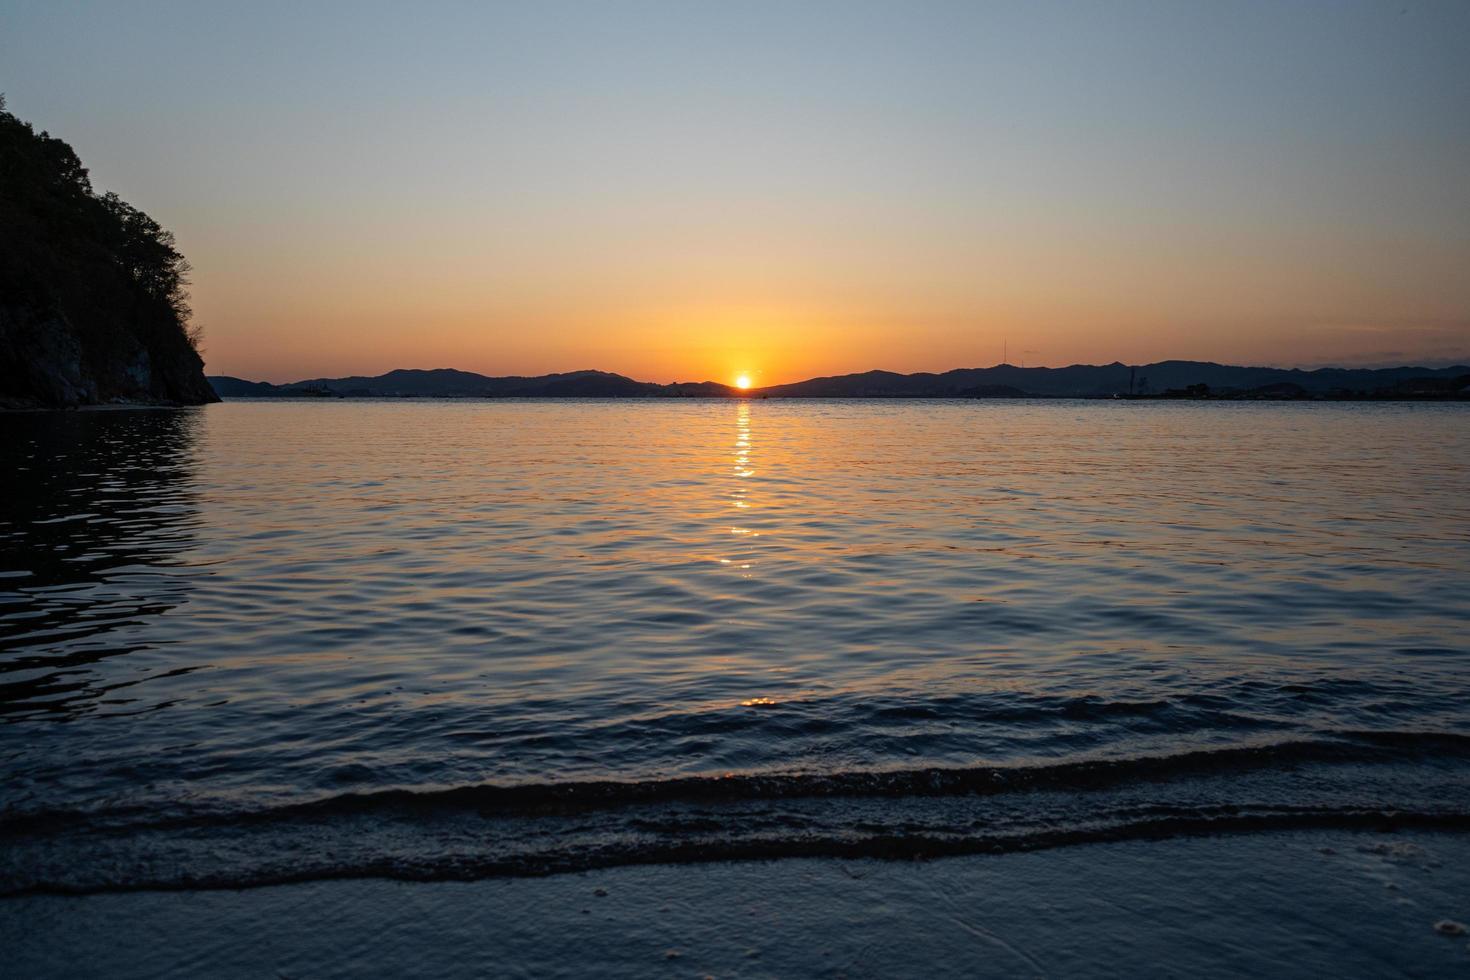 marinmålning med utsikt över stranden och solnedgången. foto